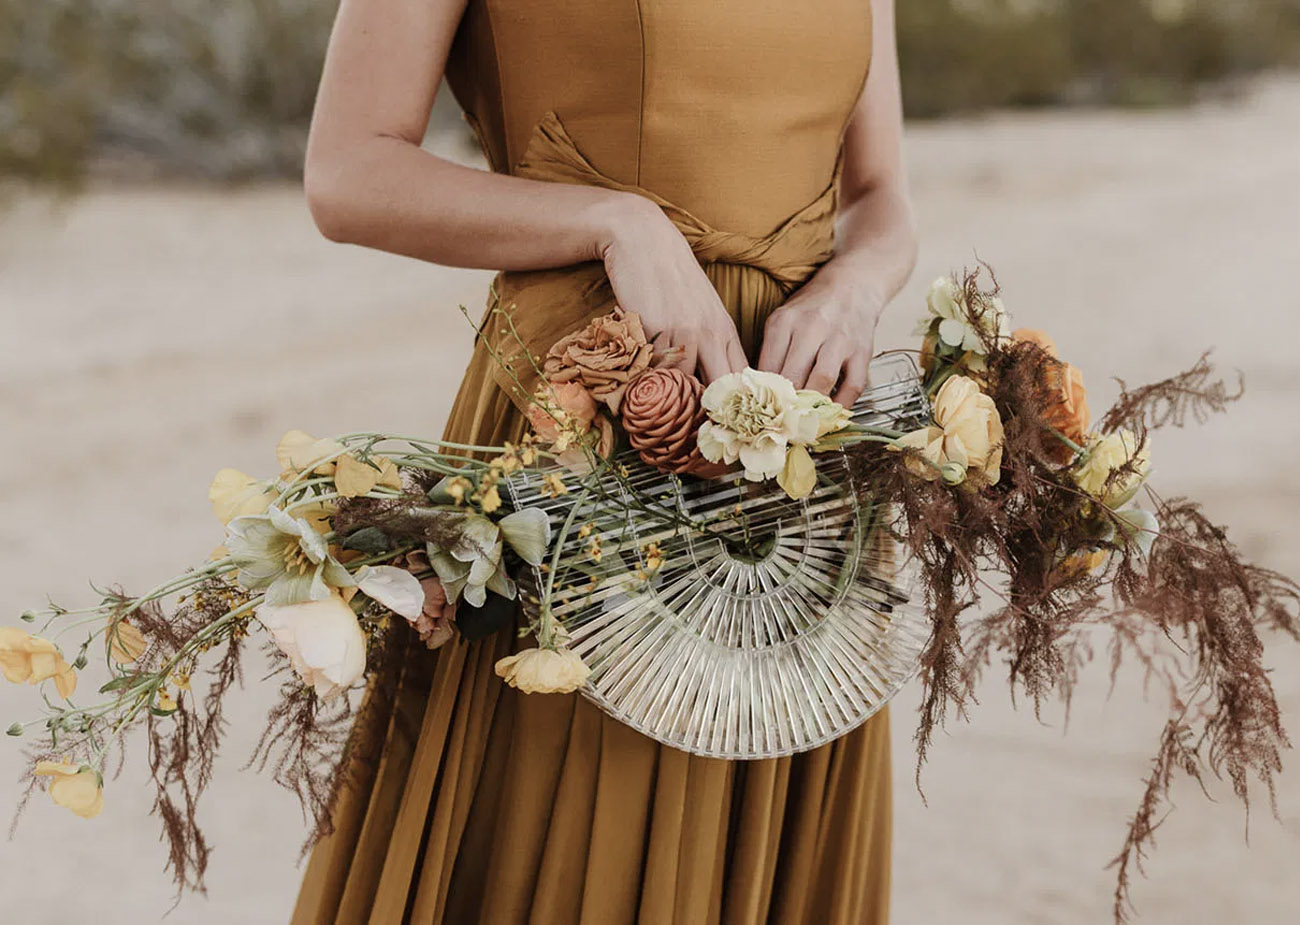 bridal clutch for wedding day